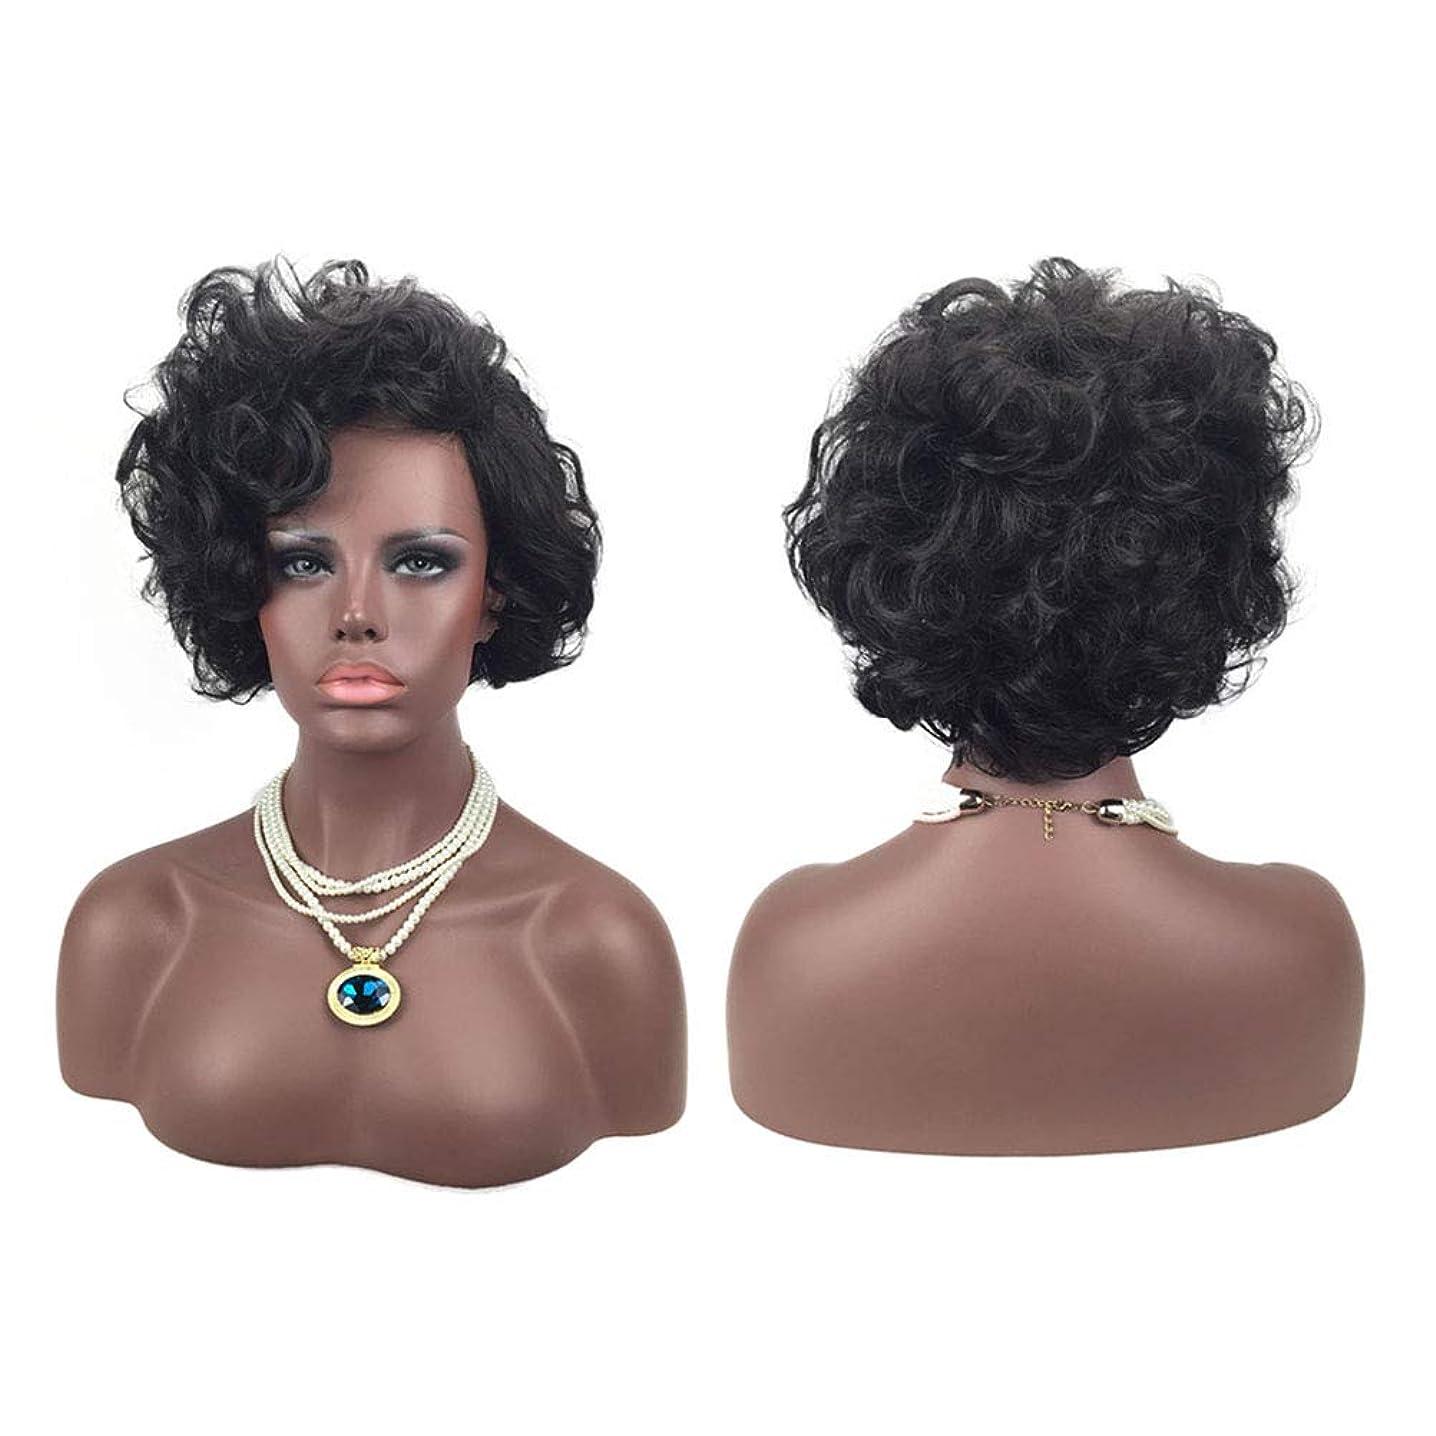 挨拶ゼリー横にヨーロッパとアメリカの自然な絶妙な弾性ネットカーリーかつらカバーに適した女性の黒の短い髪のかつら